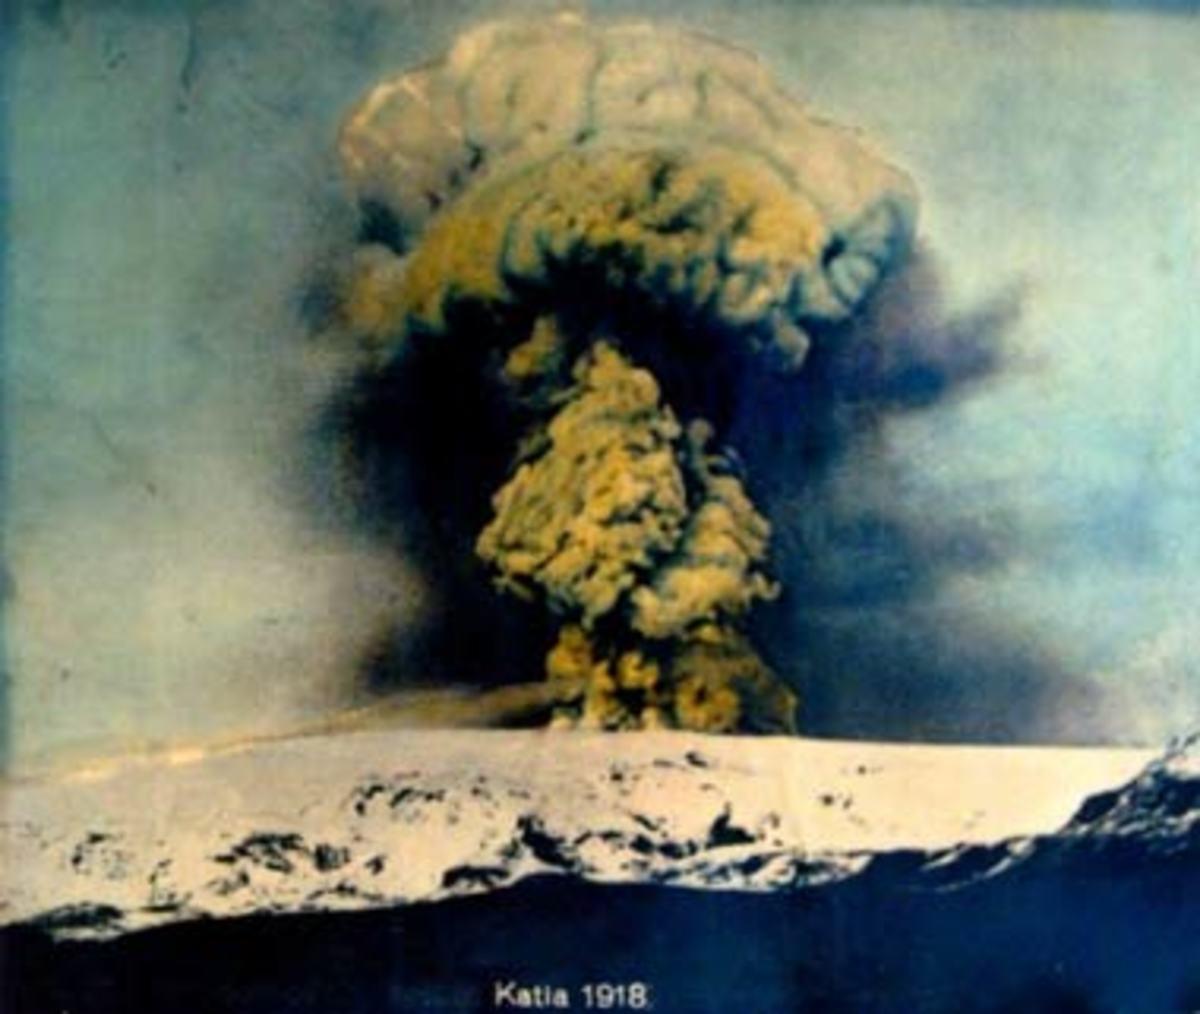 Last eruption of Katla Volcano in 1918.